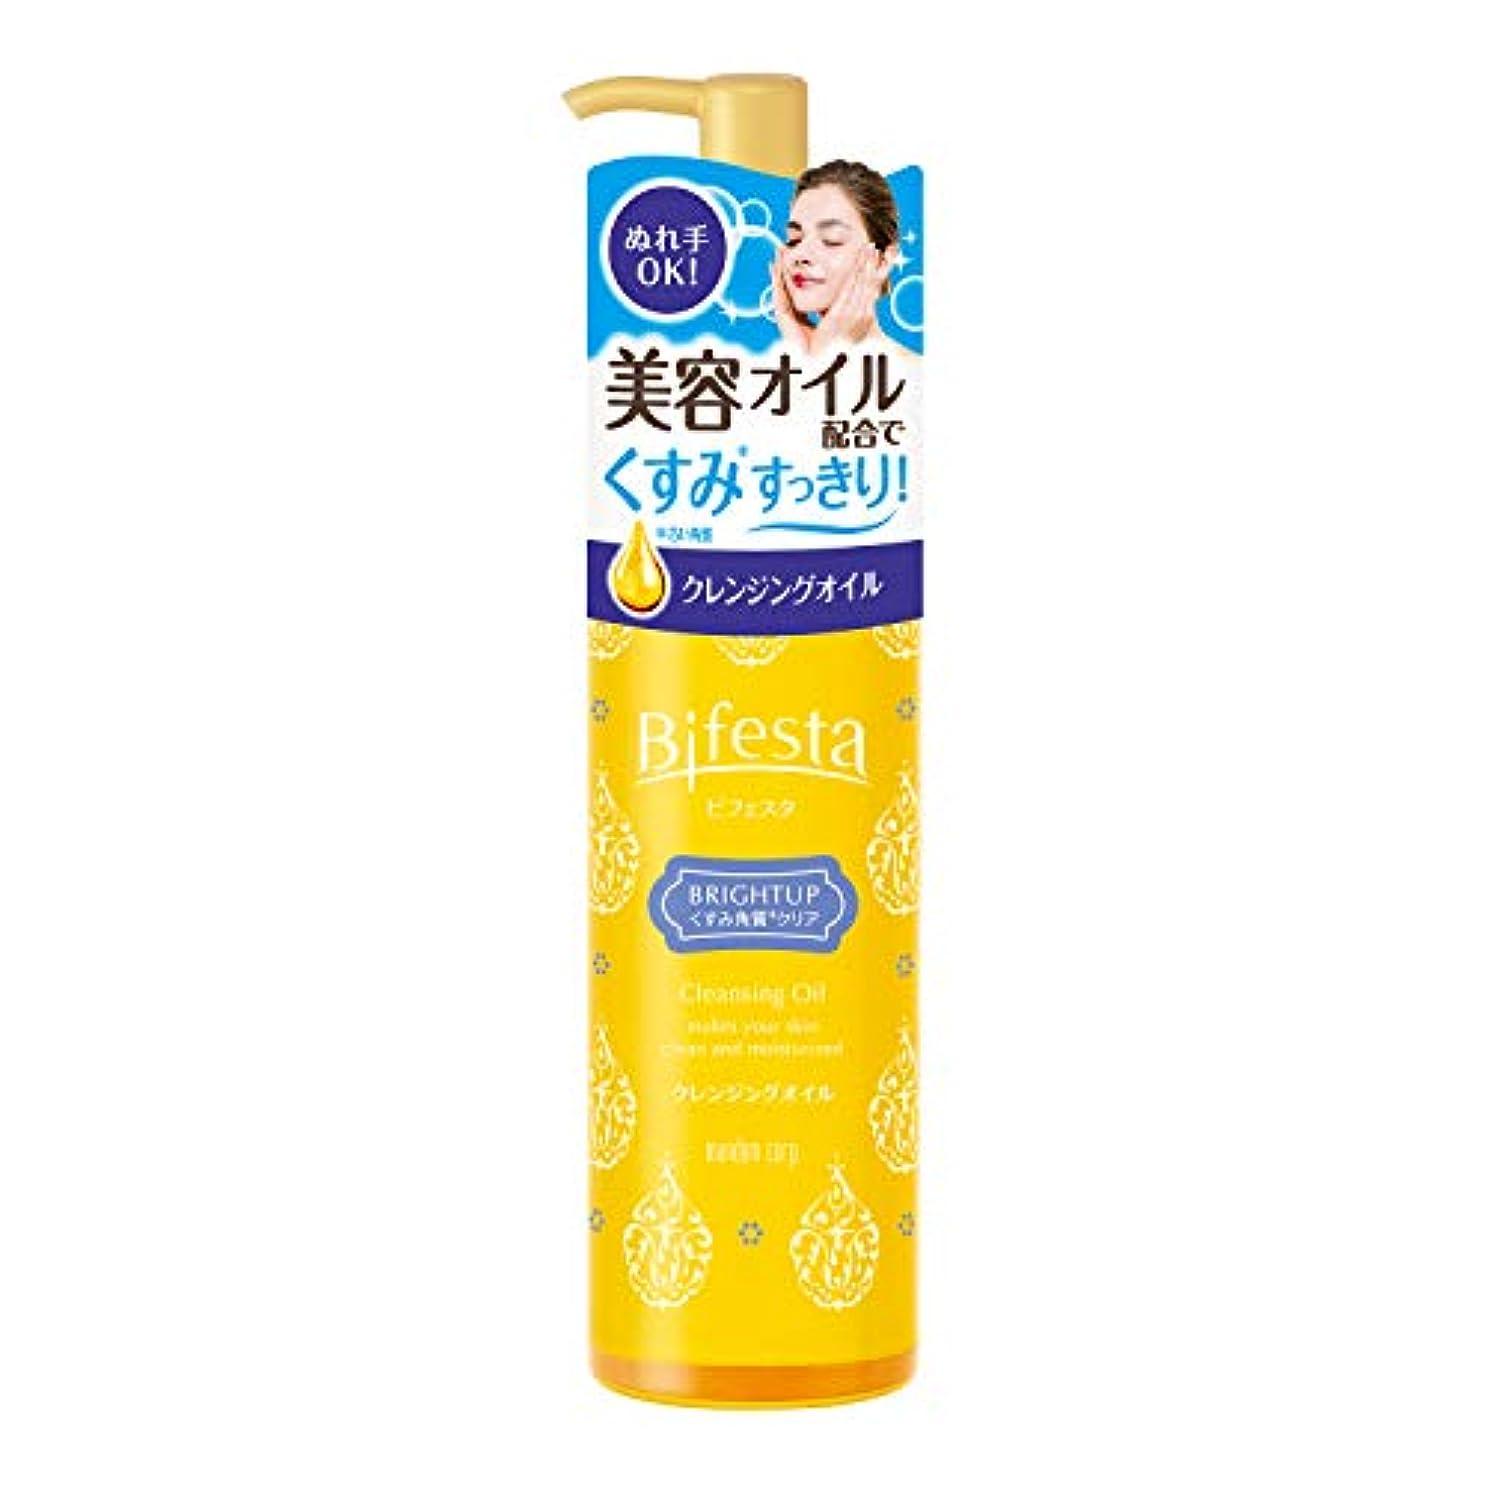 くしゃみ行商滝Bifesta(ビフェスタ) クレンジングオイル ブライトアップ 230mL